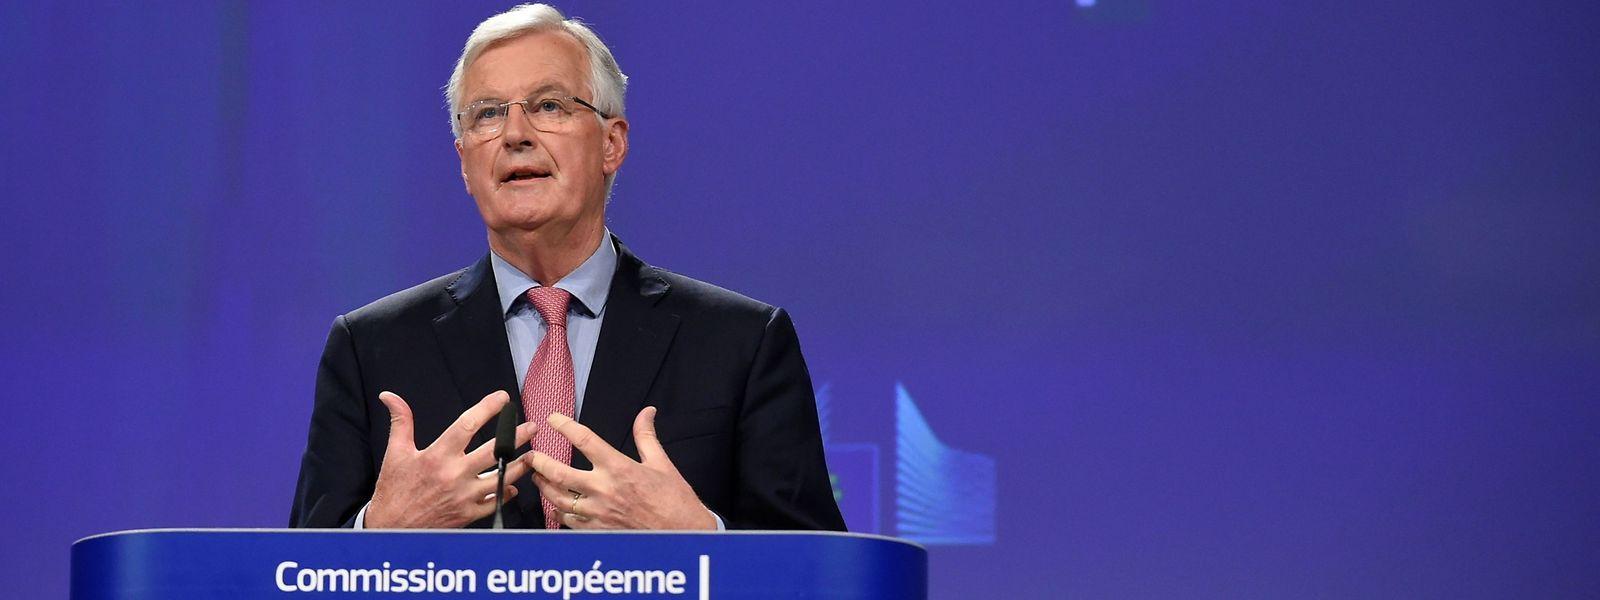 Le négociateur en chef de l'Union européenne pour le Brexit, Michel Barnier, parle lors d'une conférence de presse après le cycle de négociations de cette semaine au siège de l'UE à Bruxelles le 8 juin 2018.